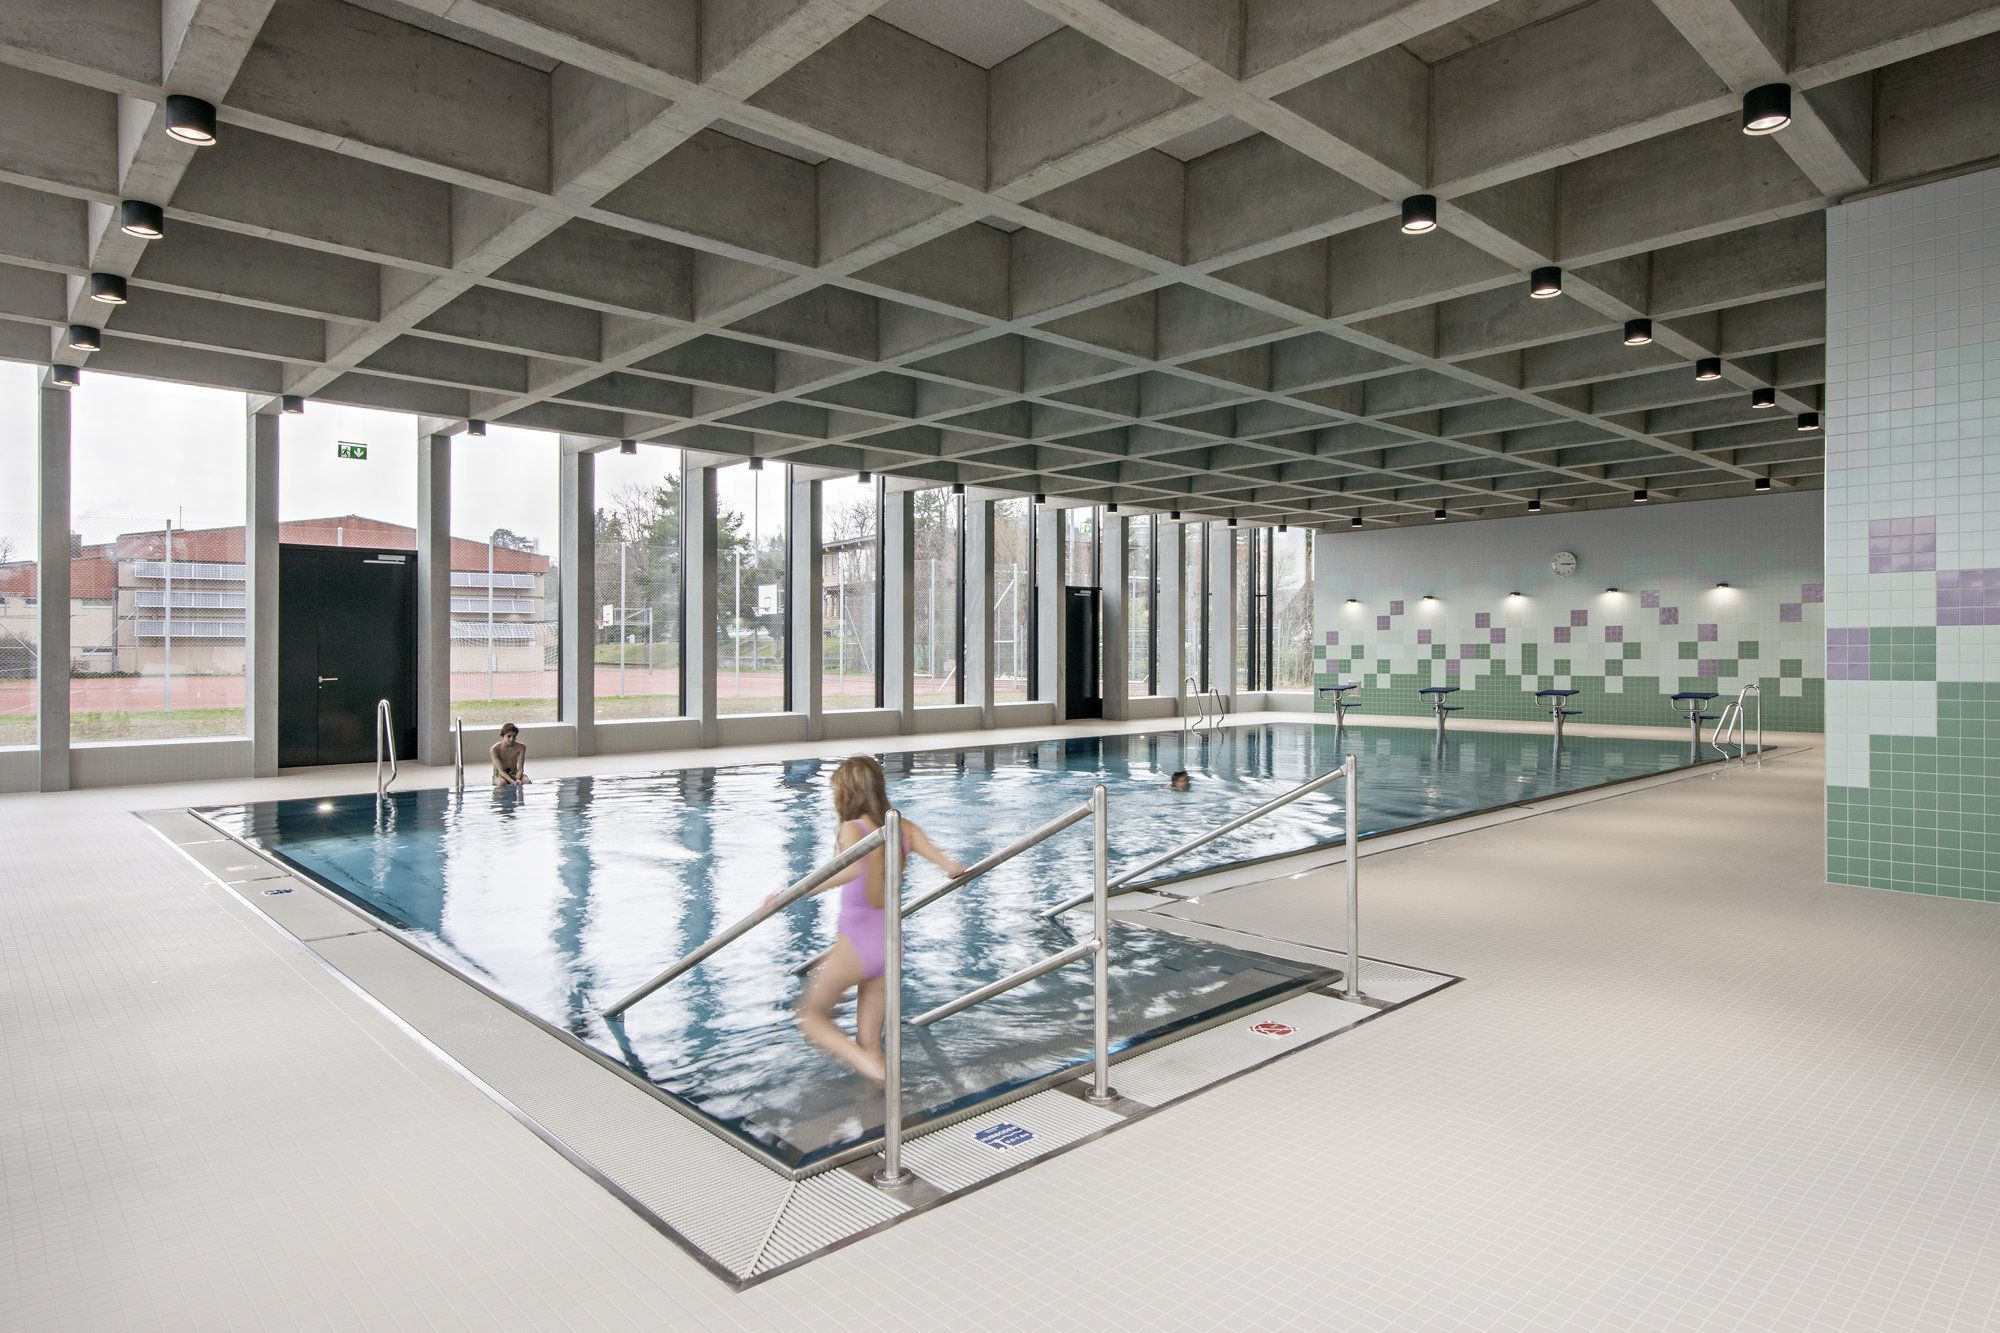 baden im berg - schwimmbad in erlenbach bei zürich | in and im, Garten und erstellen